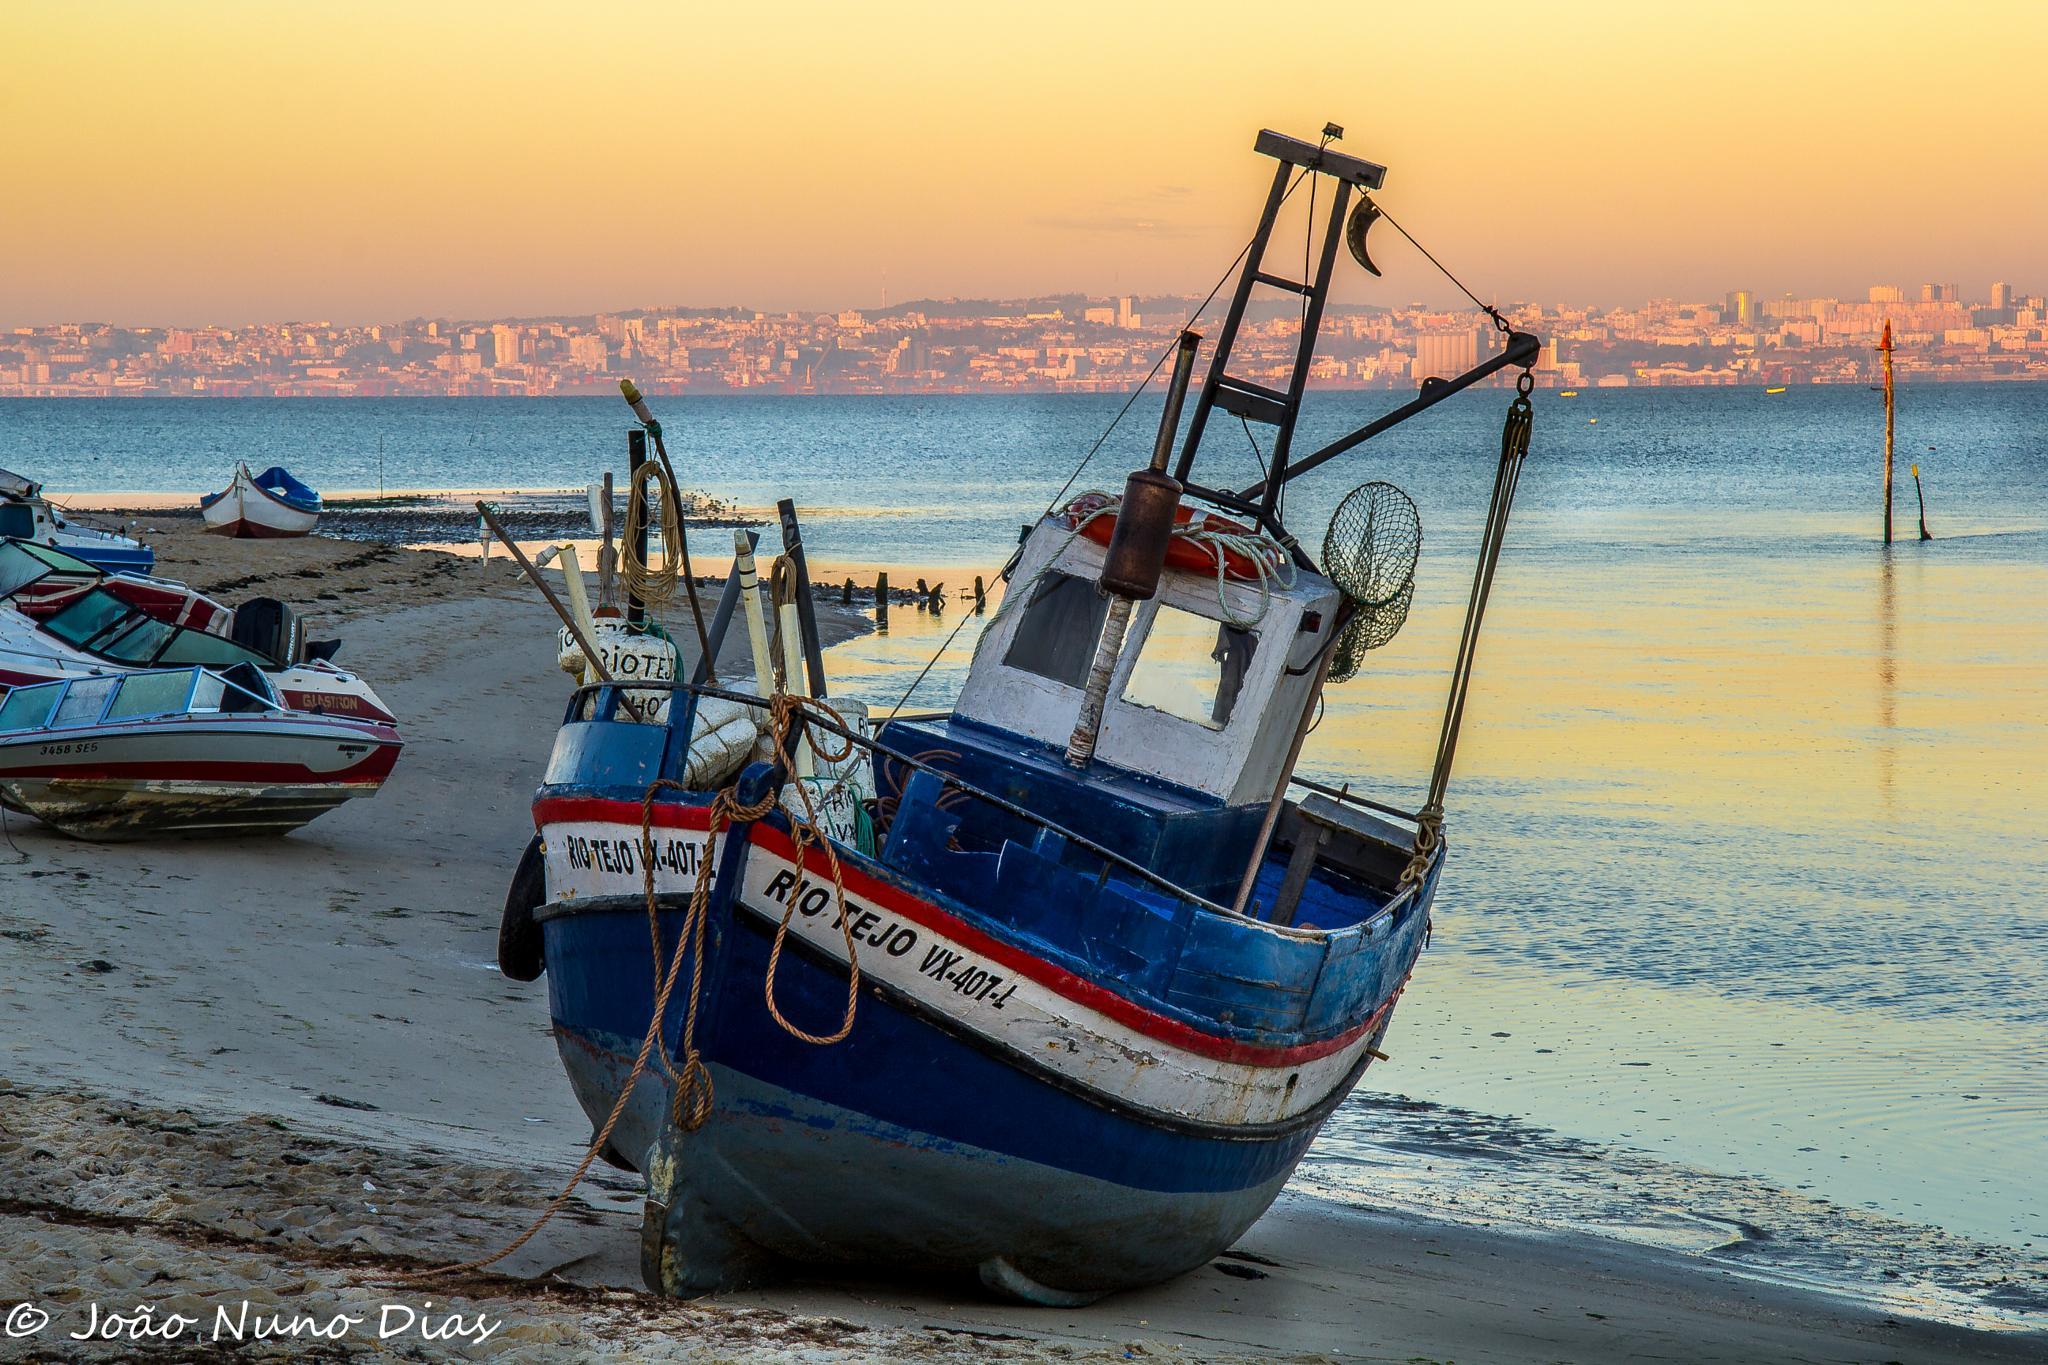 Fish boat by Nuno Dias